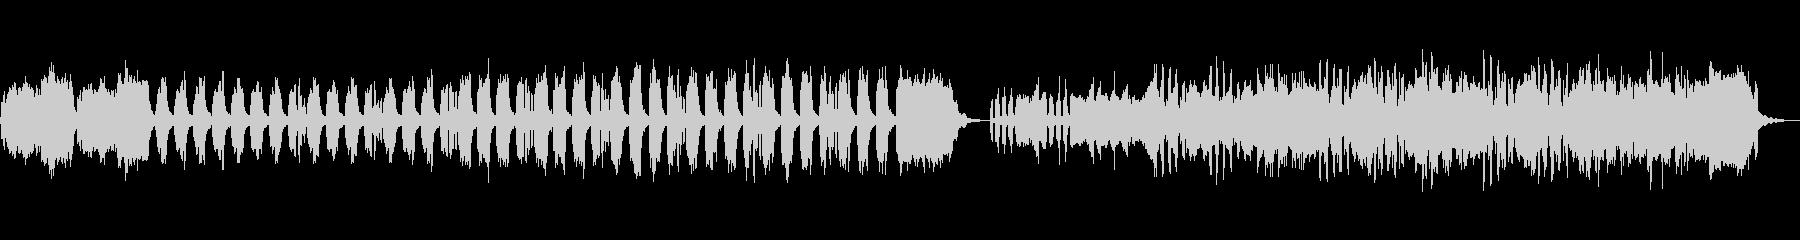 オーバーザトップSCI FIホラー...の未再生の波形